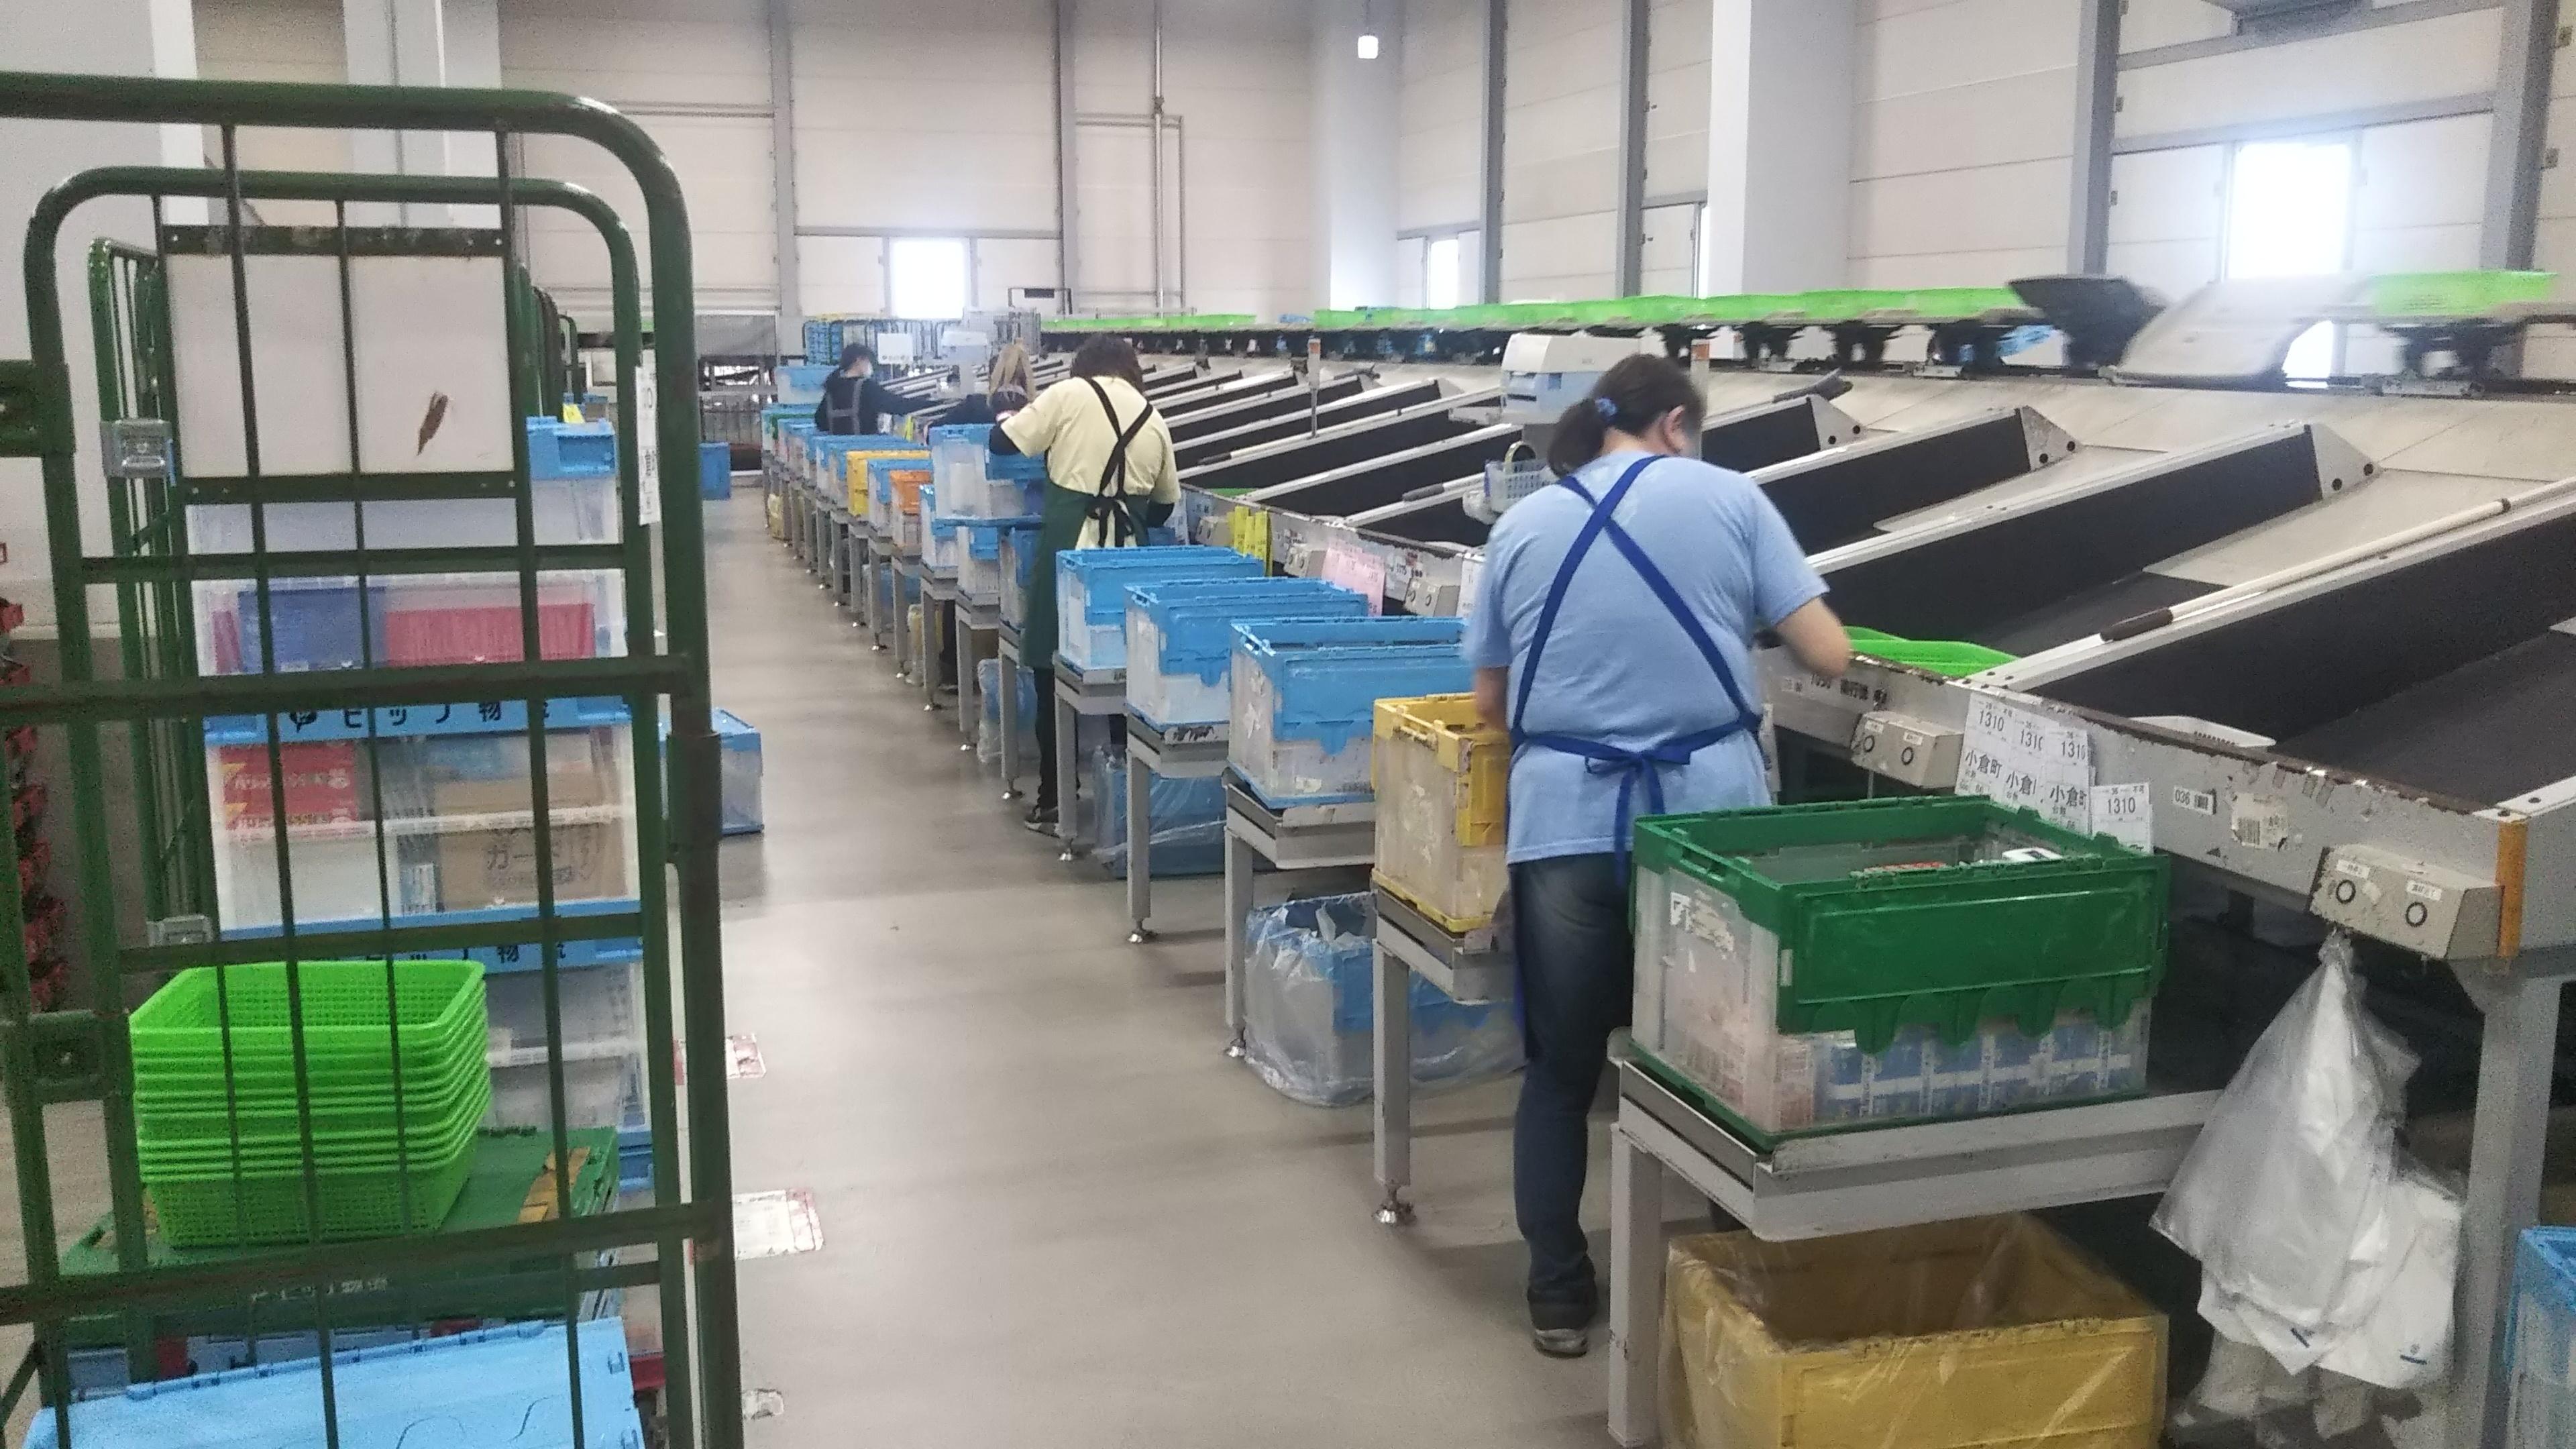 【Chiba】Packing / Sorting / Loading Items at Warehouse